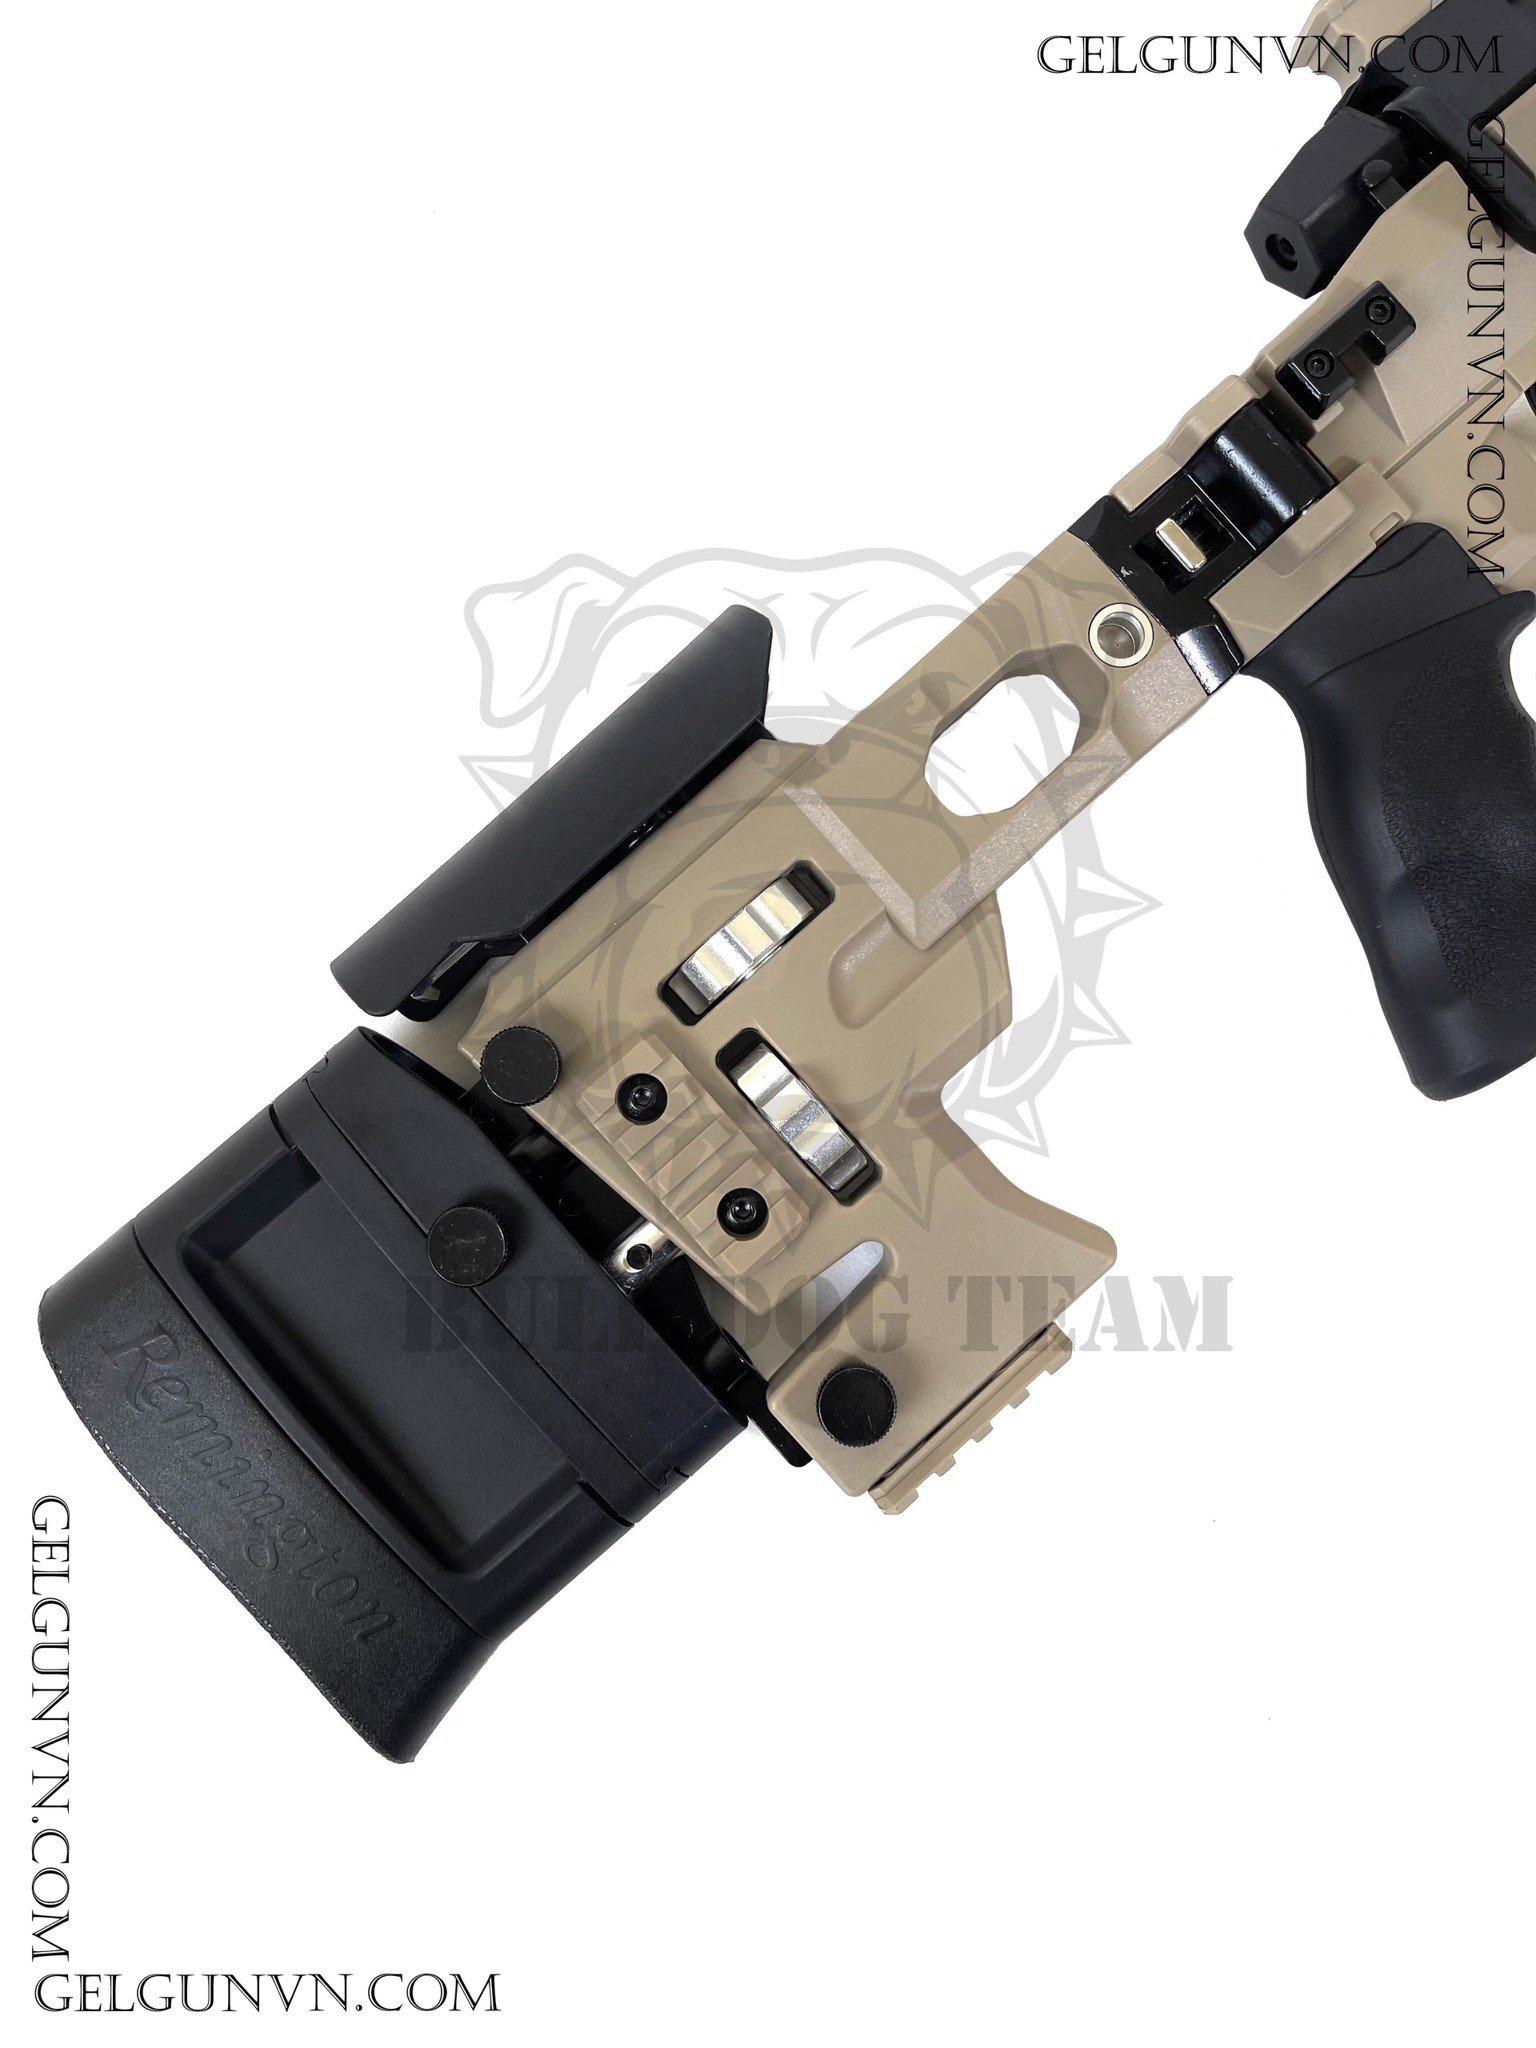 Súng đạn thạch MSR - Hoa hậu dòng Sniper ( Có Sẵn Hàng Phục Vụ TẾT )